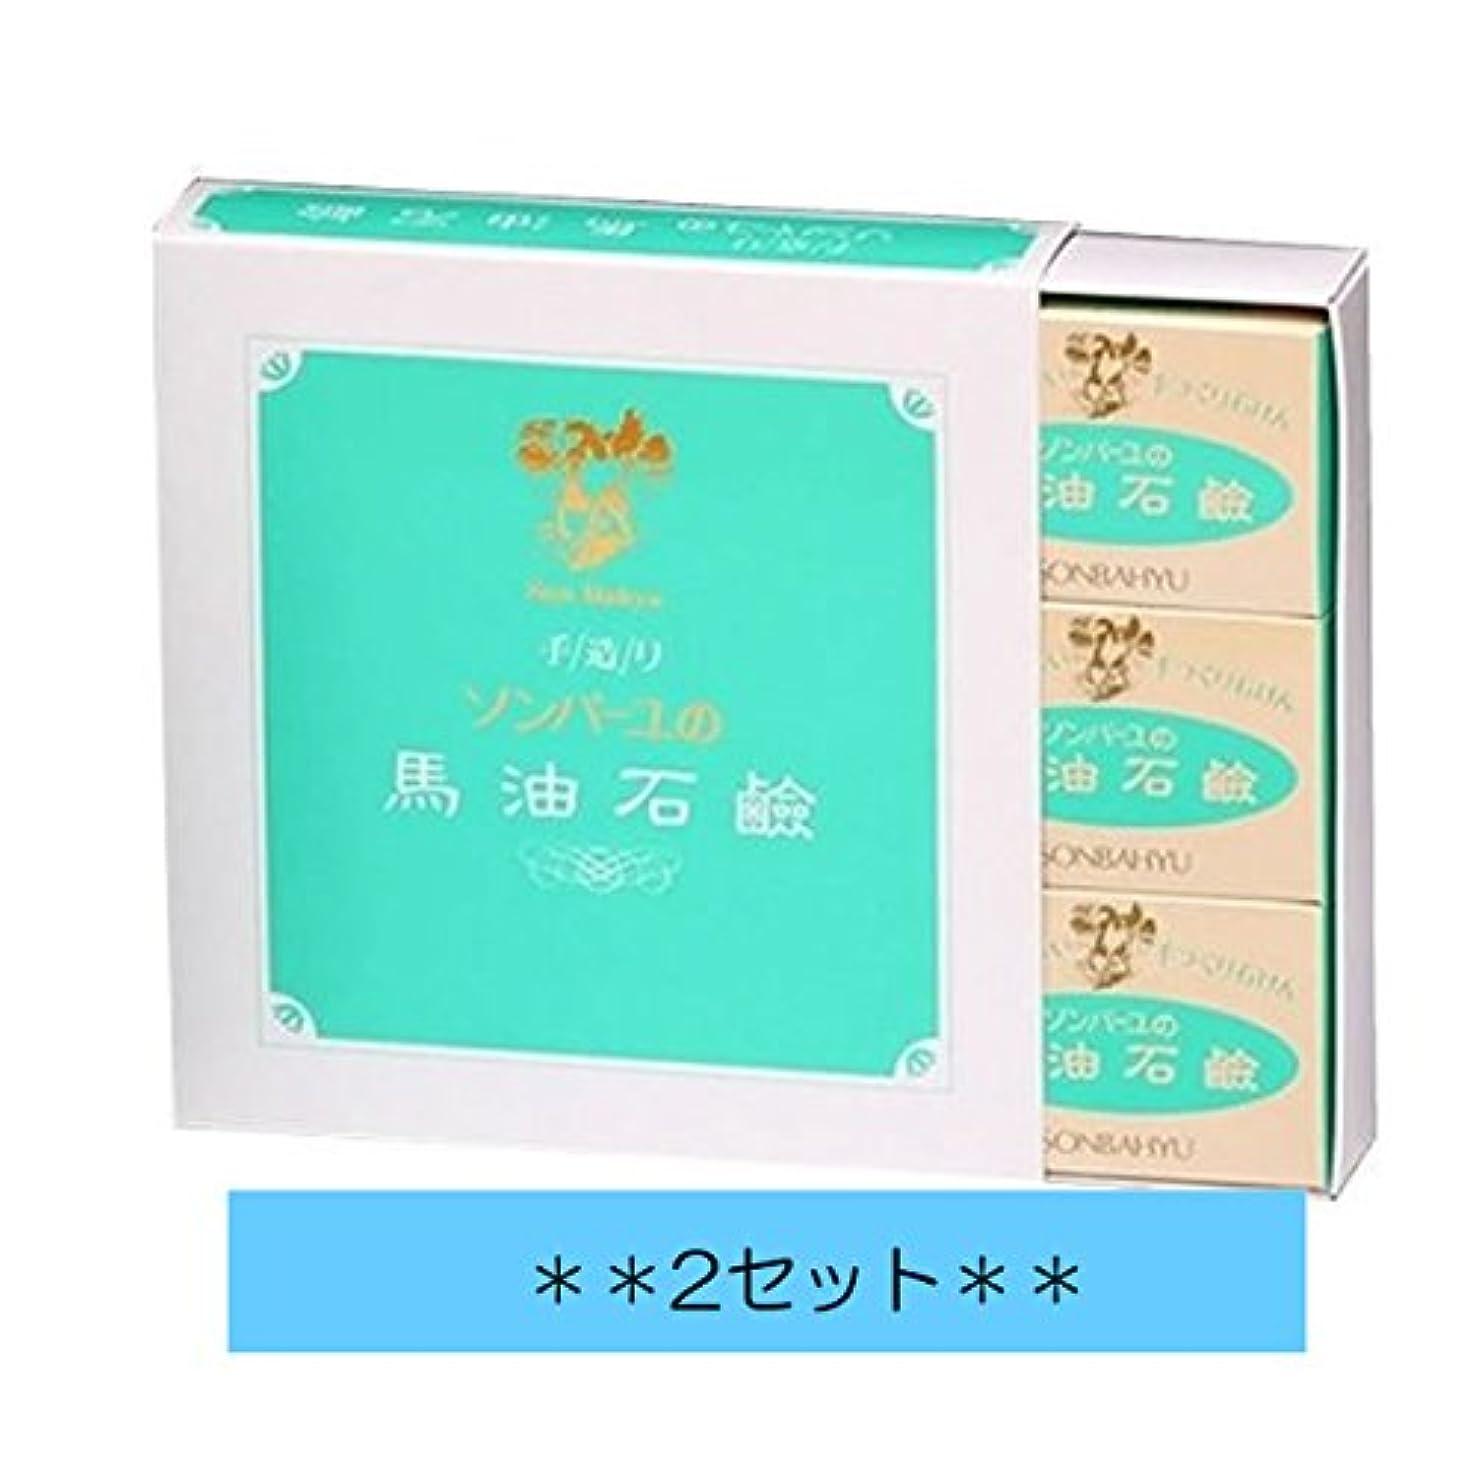 販売員グラディス黒板【2箱セット】ソンバーユ石鹸 85g×6個